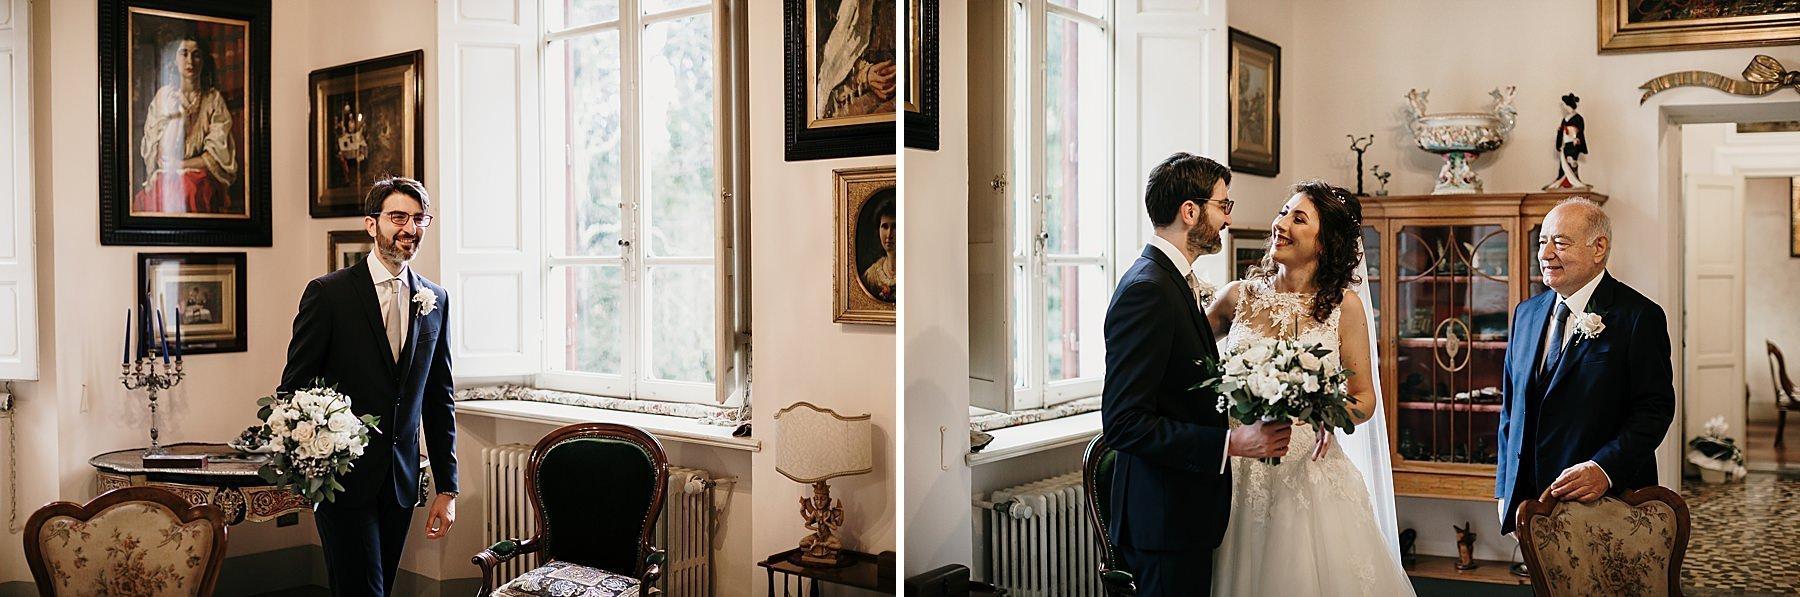 fotografia di matrimonio a firenze in inverno 738